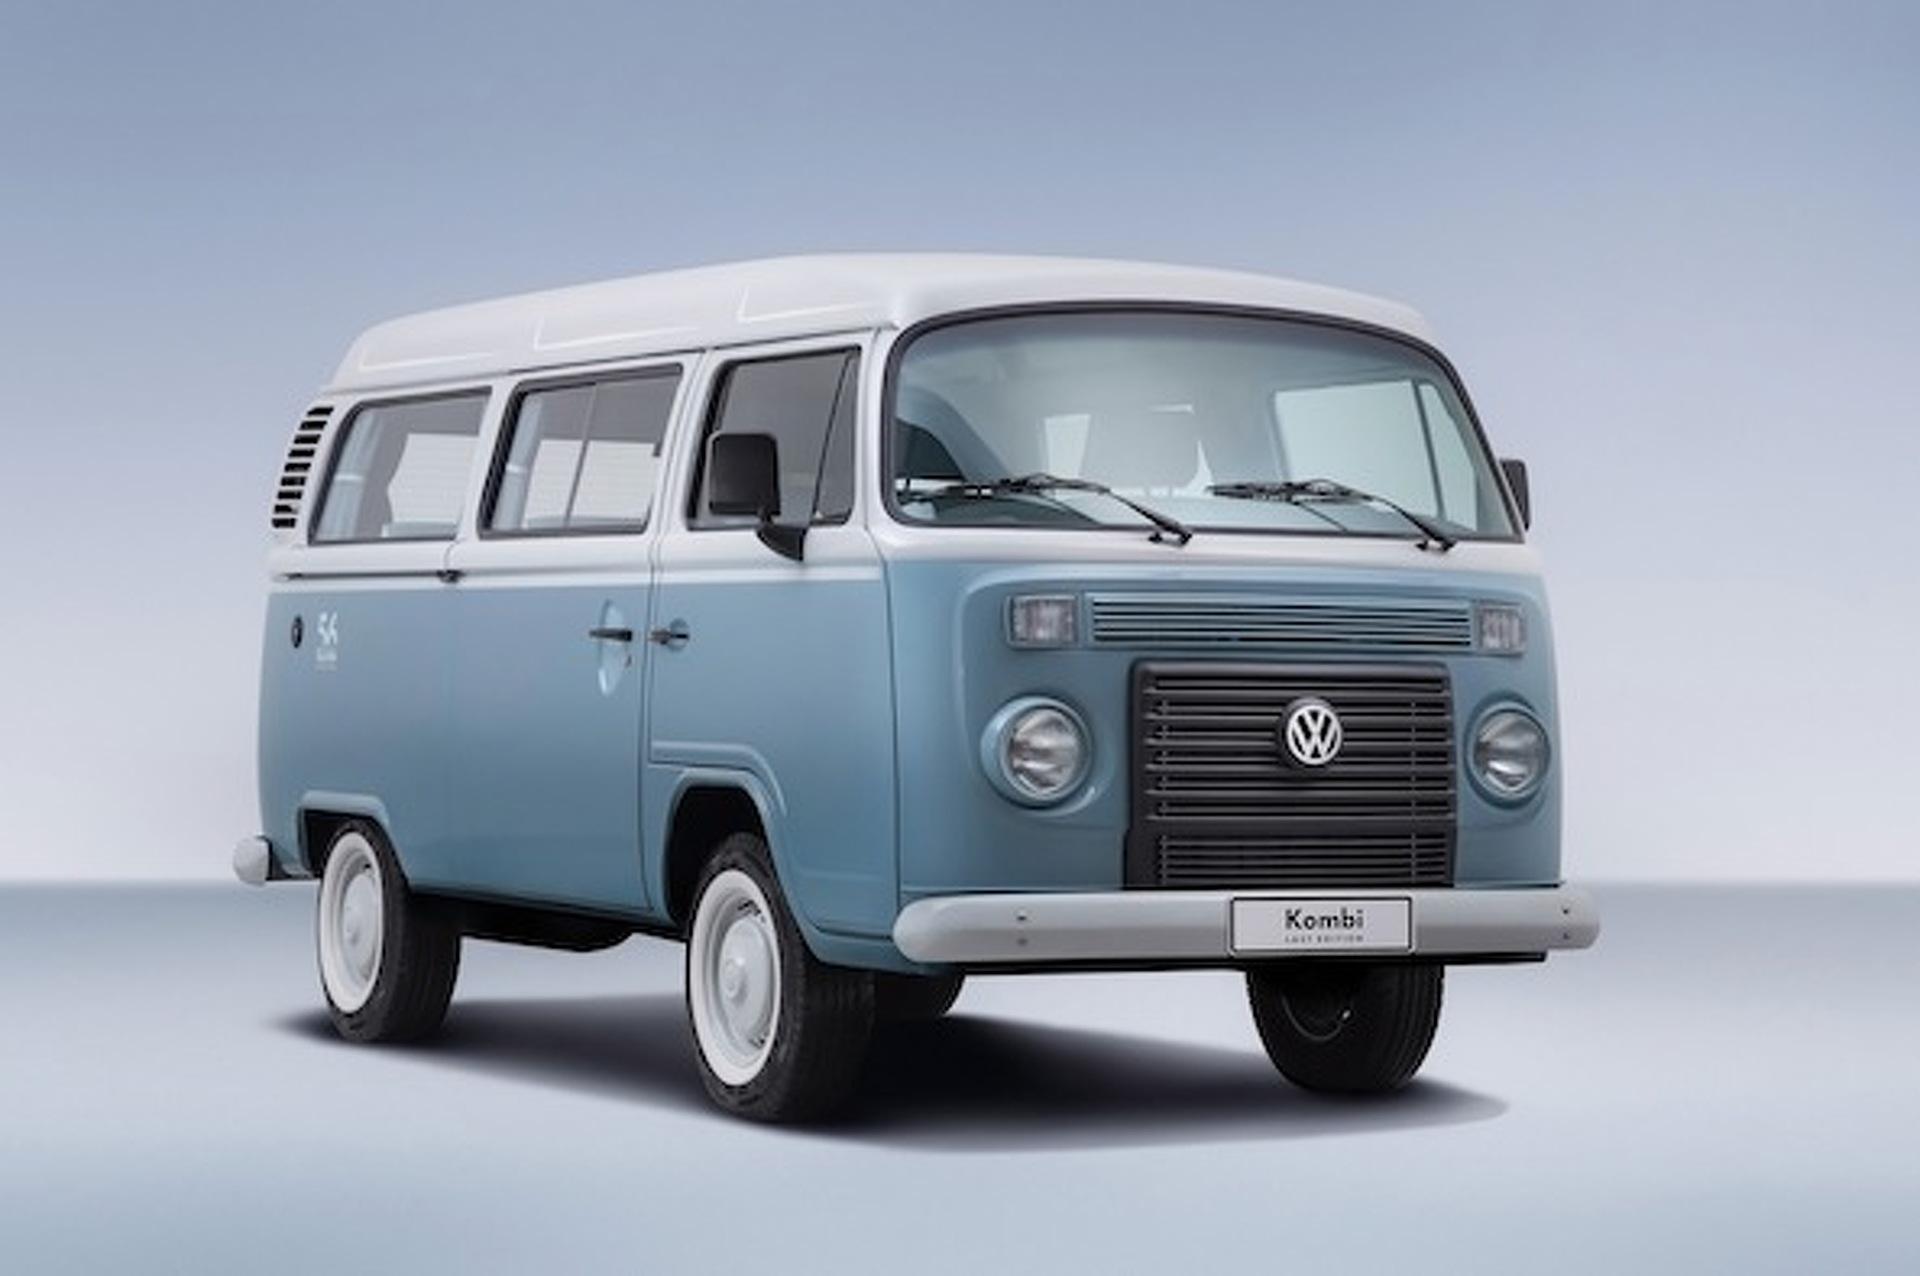 The Volkswagen Bus Isn't Dead Just Yet